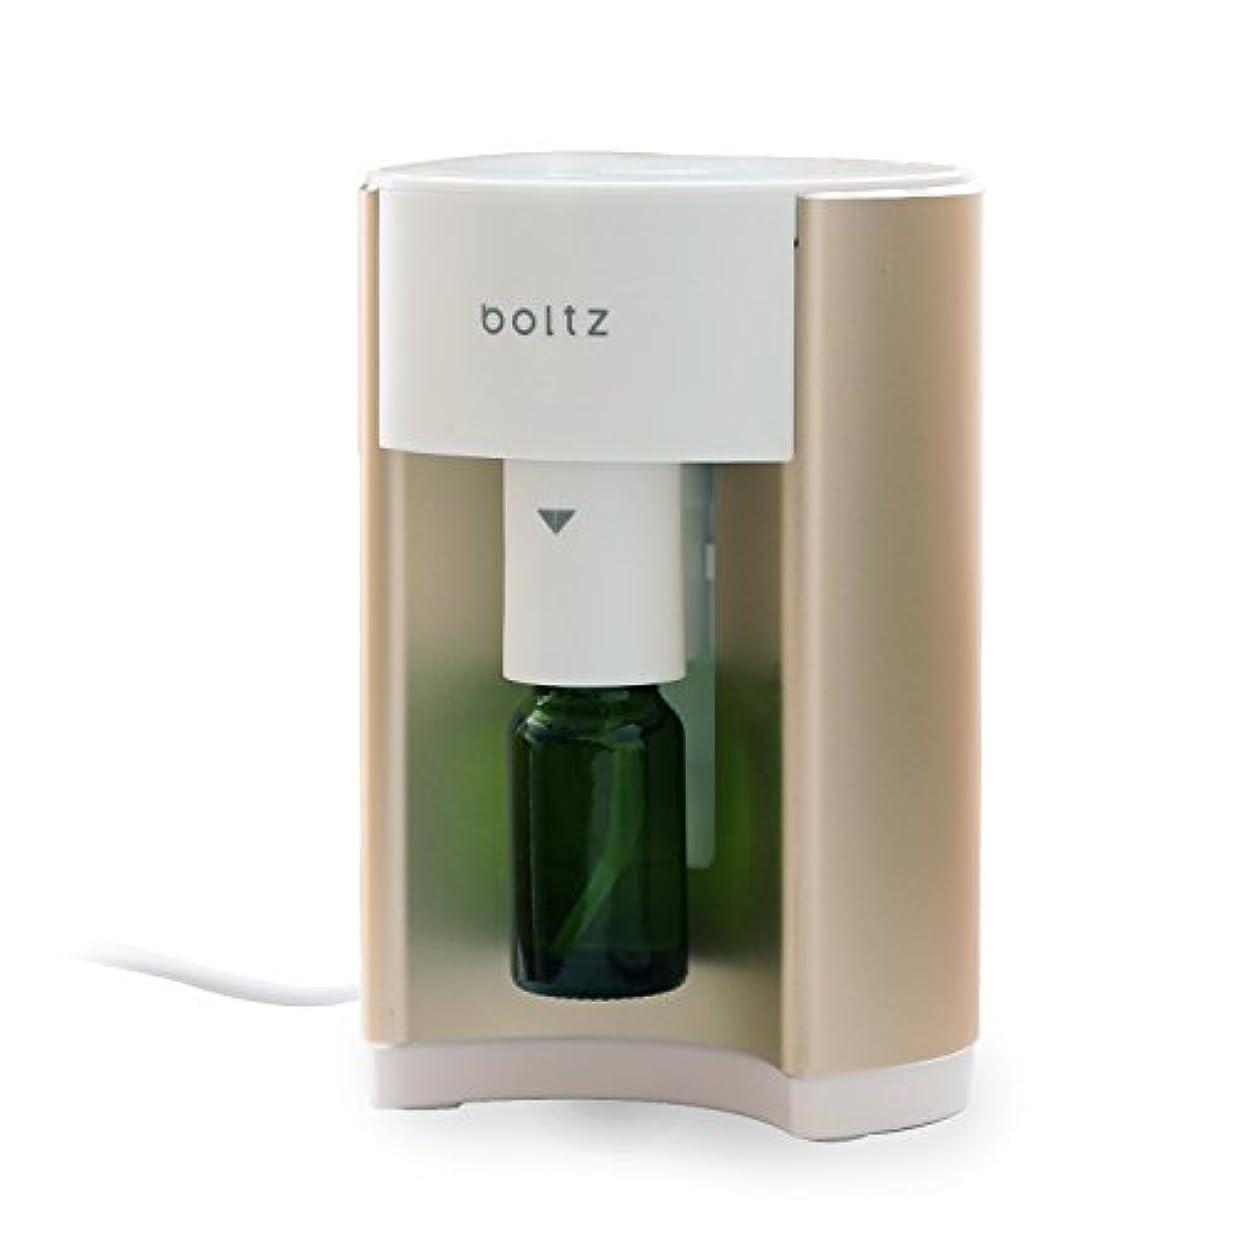 本気特に巻き戻すアロマディフューザー ルームフレグランス boltz ボトルを直接セット 専用ボトル付 タイマー付き USB コンセント付き アロマ ディフューザー コンパクト ゴールド